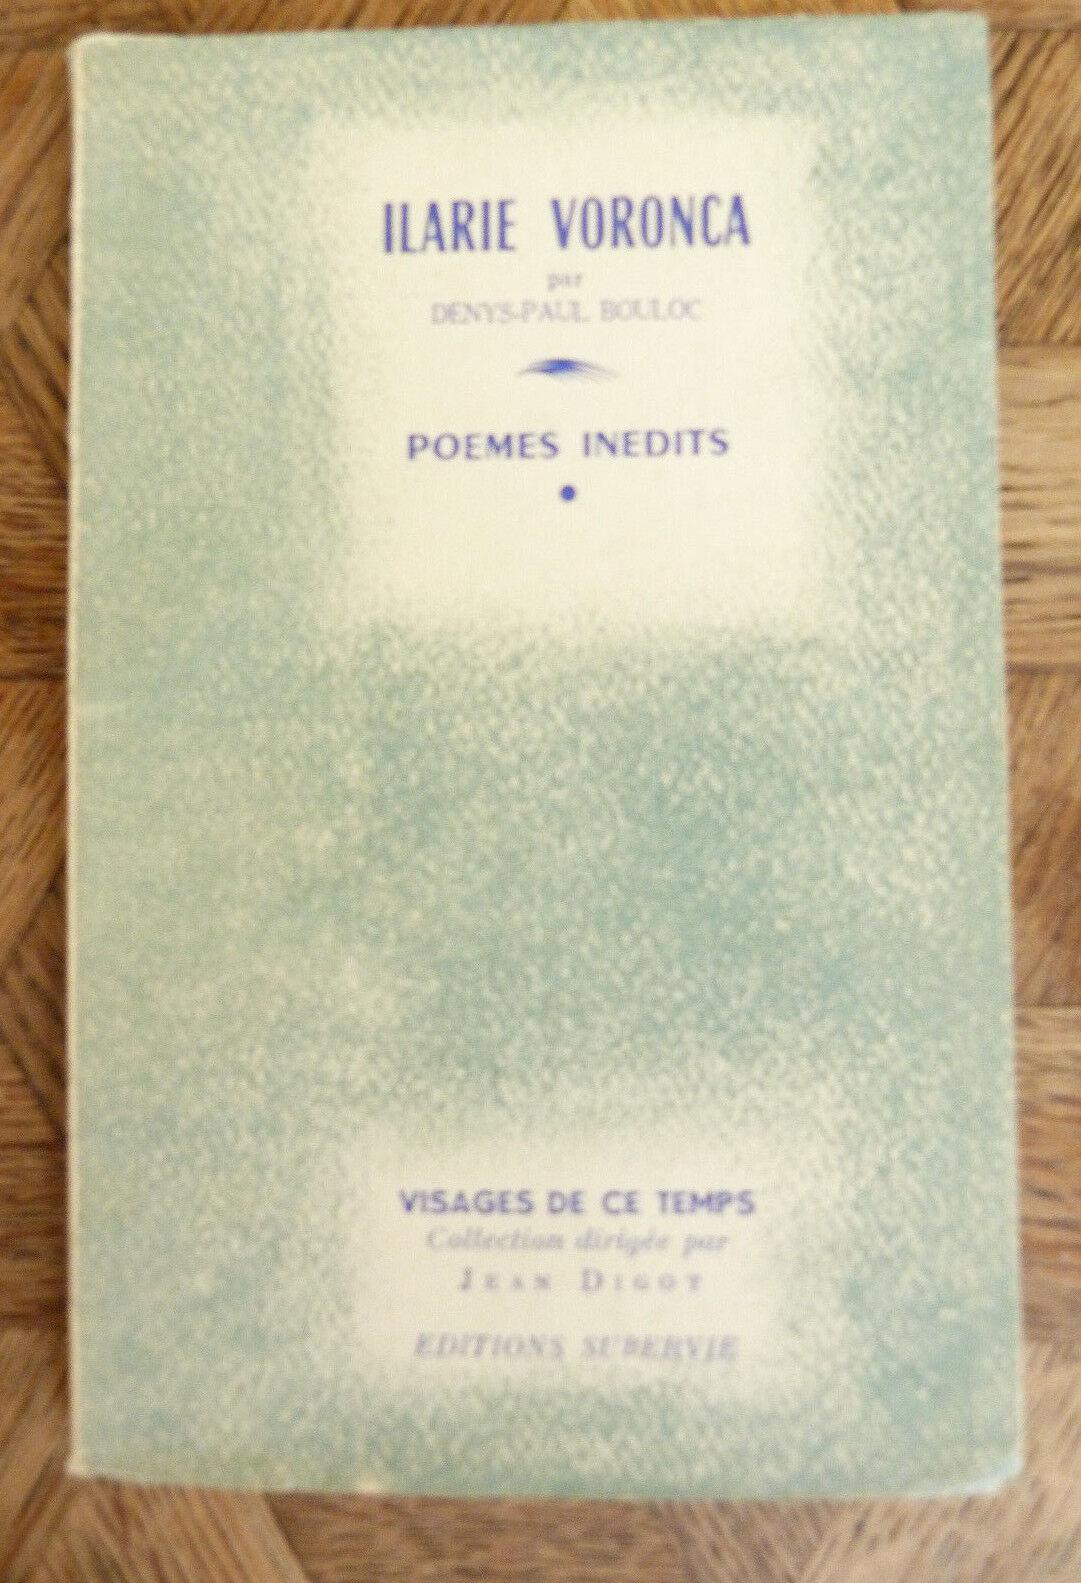 Ilarie Voronca - Par Denys-Paul Bouloc. Poèmes inédits d'Ilarie Voronca